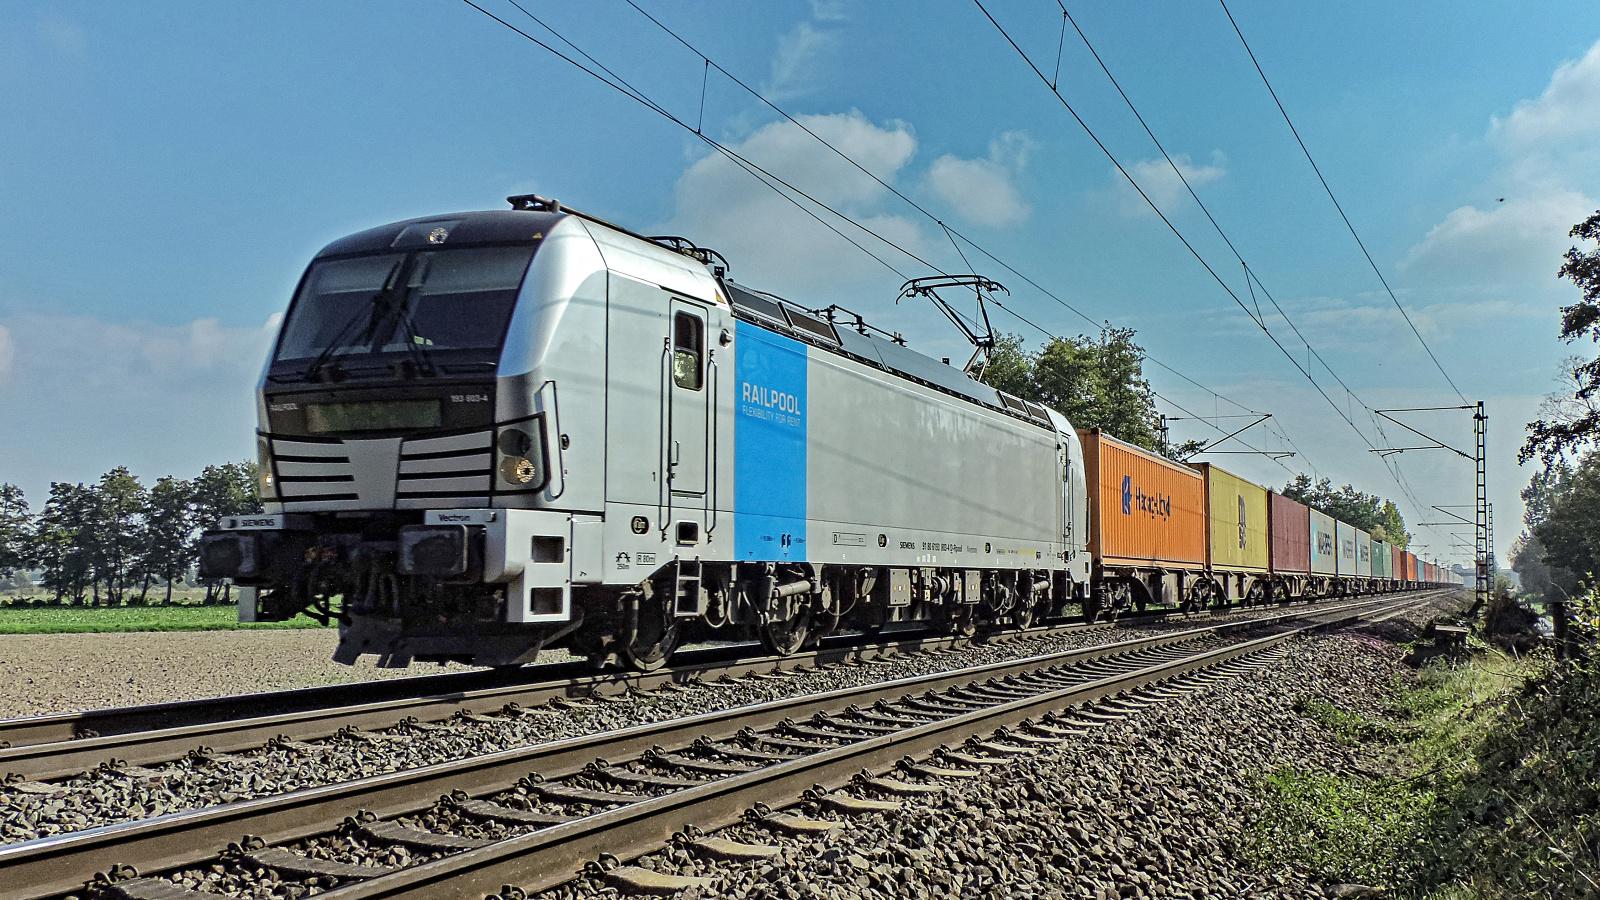 193 803-4 Railpool mit einem Containerzug